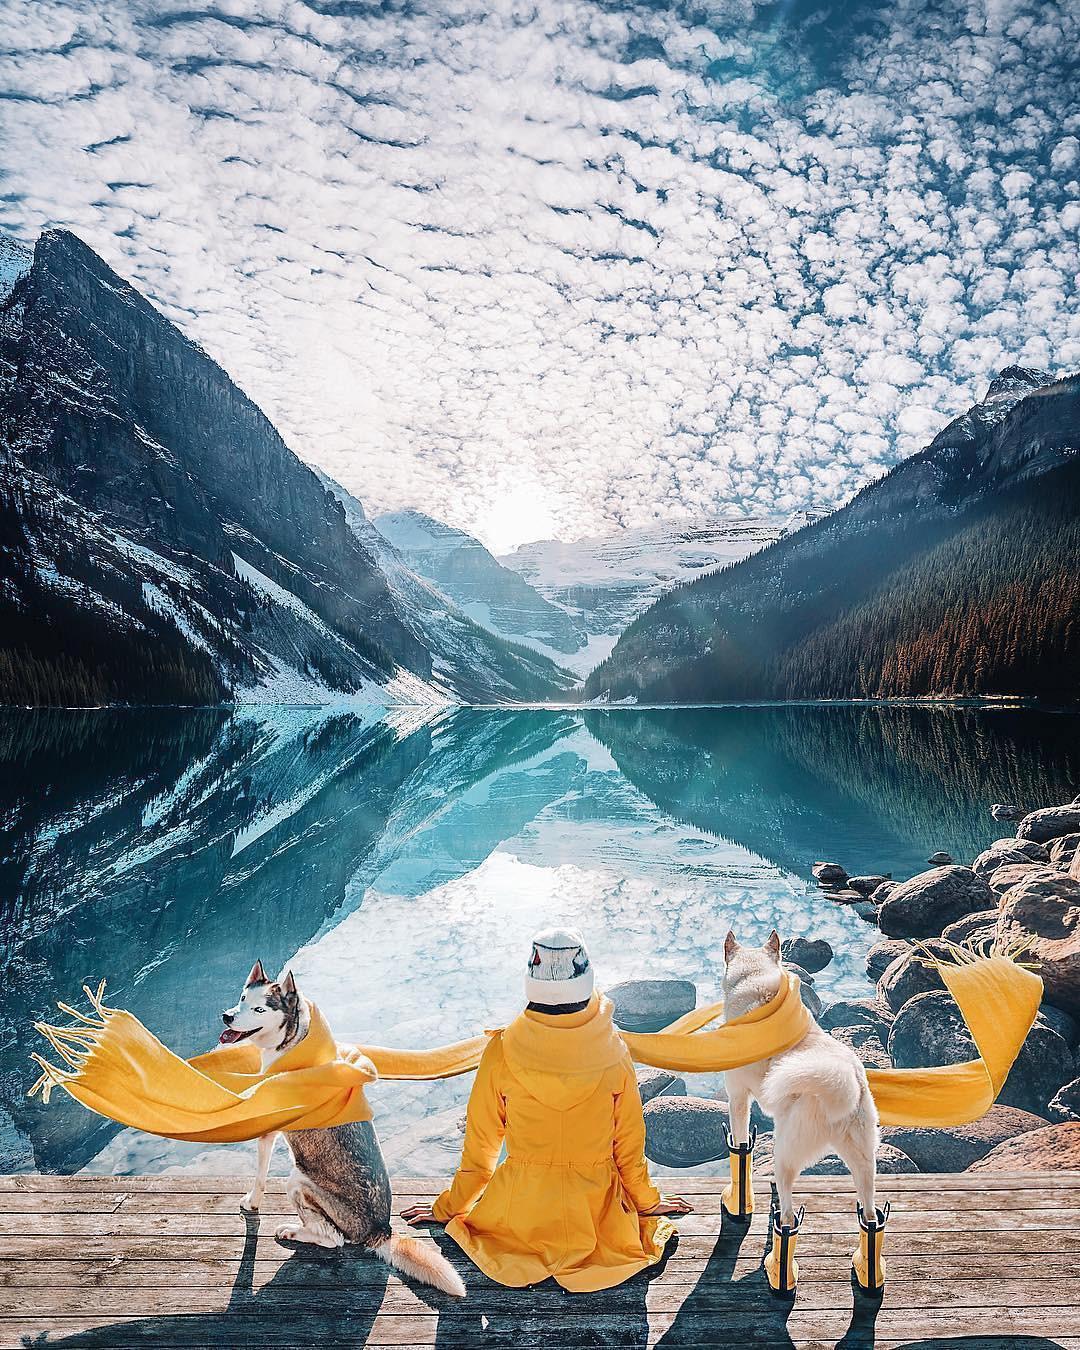 Có gì hay ở hồ nước màu xanh ngọc bích được mệnh danh là thiên đường trần gian ở Canada? - Ảnh 3.